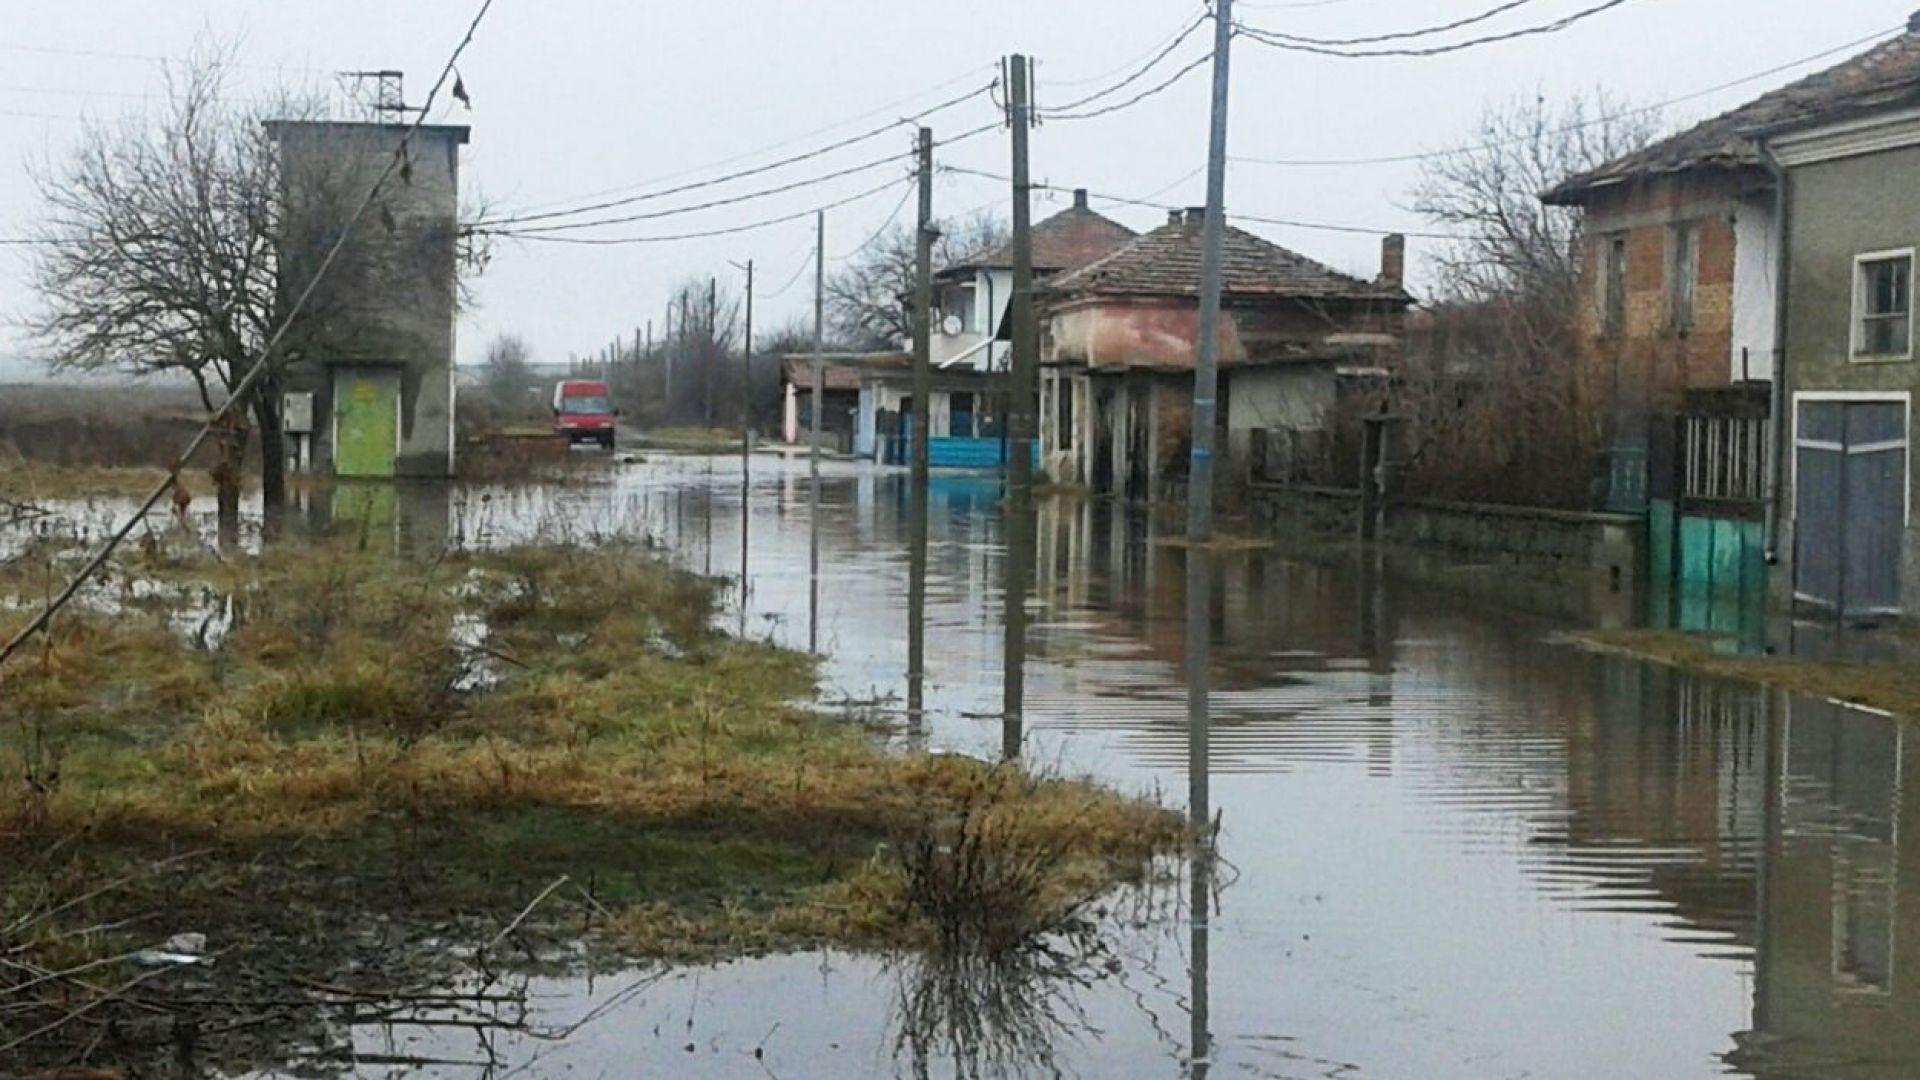 Има ли злоупотреба в Камено с даренията след потопа през 2017-а?